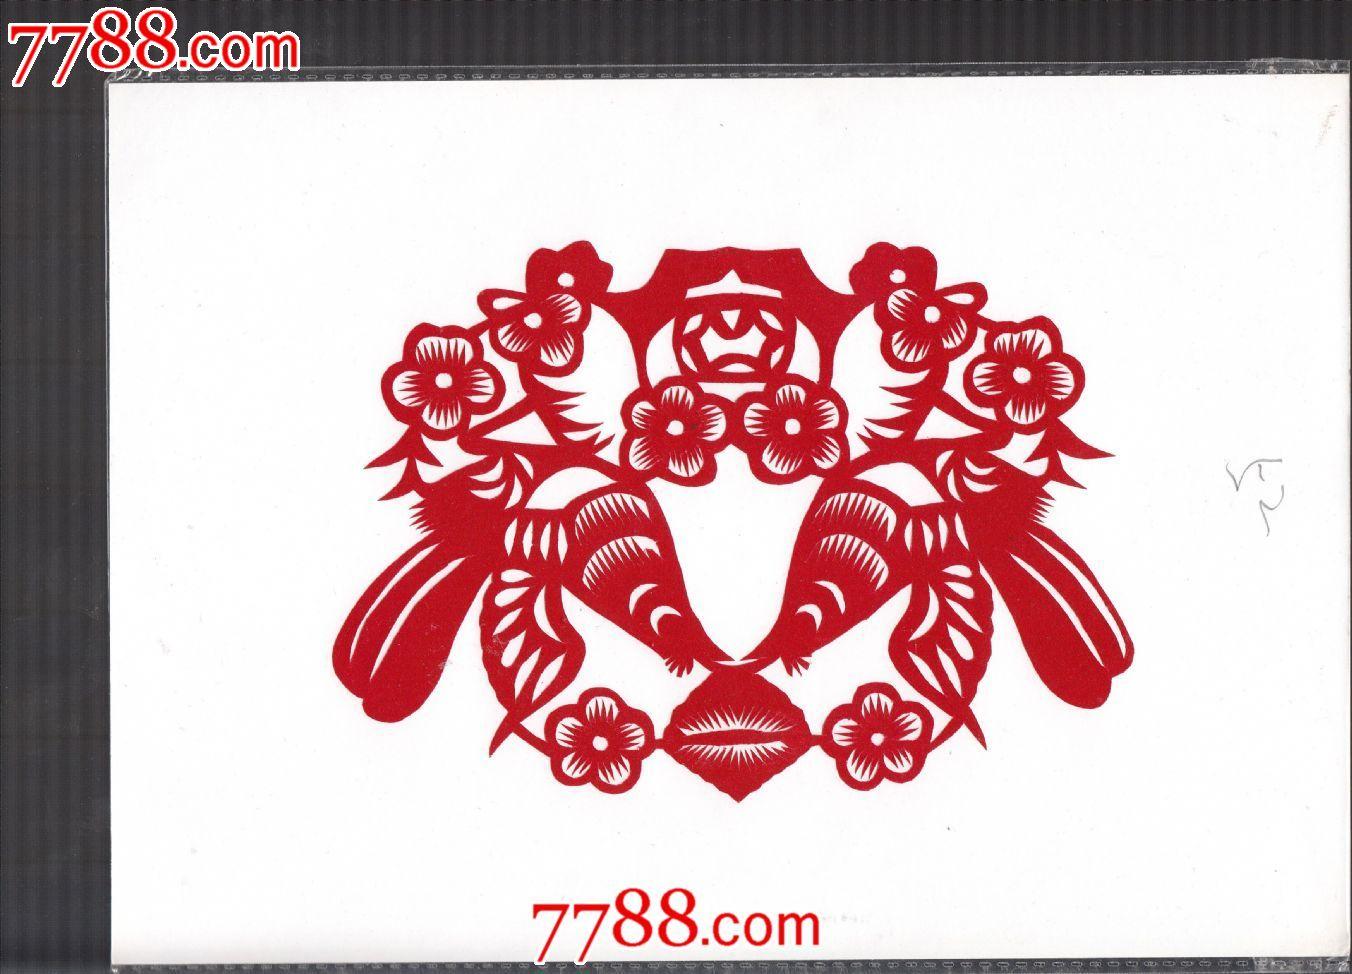 陕北纯手工剪纸052,有硬衬纸和塑封_价格12.